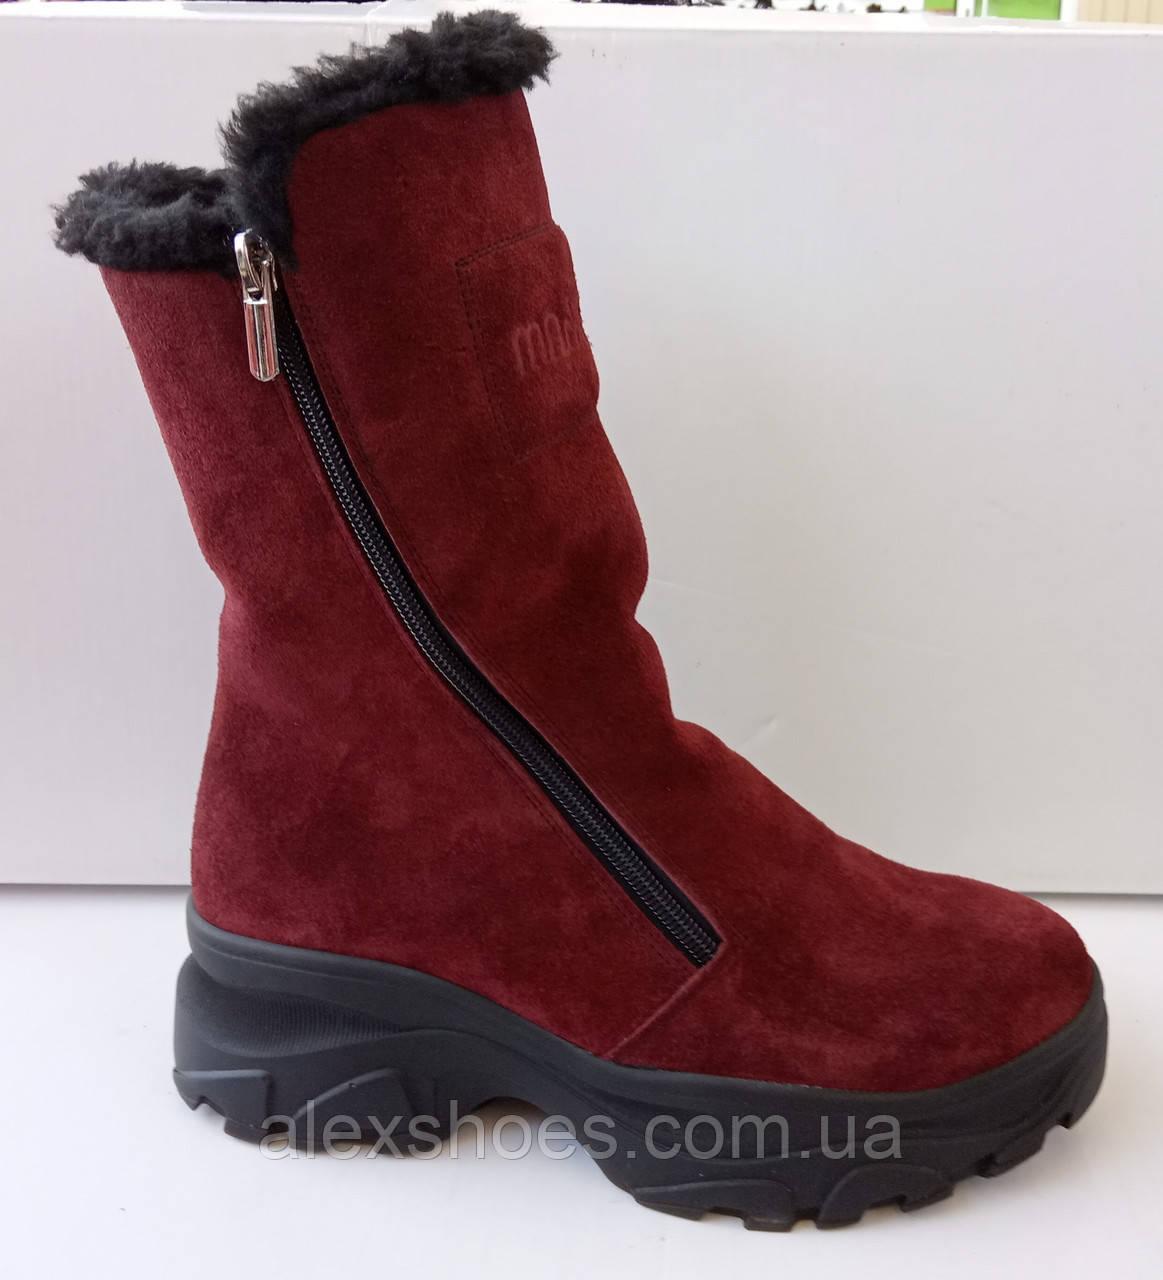 Сапожки женские зимние на широком каблуке из натуральной замши от производителя модель ДИС779-2